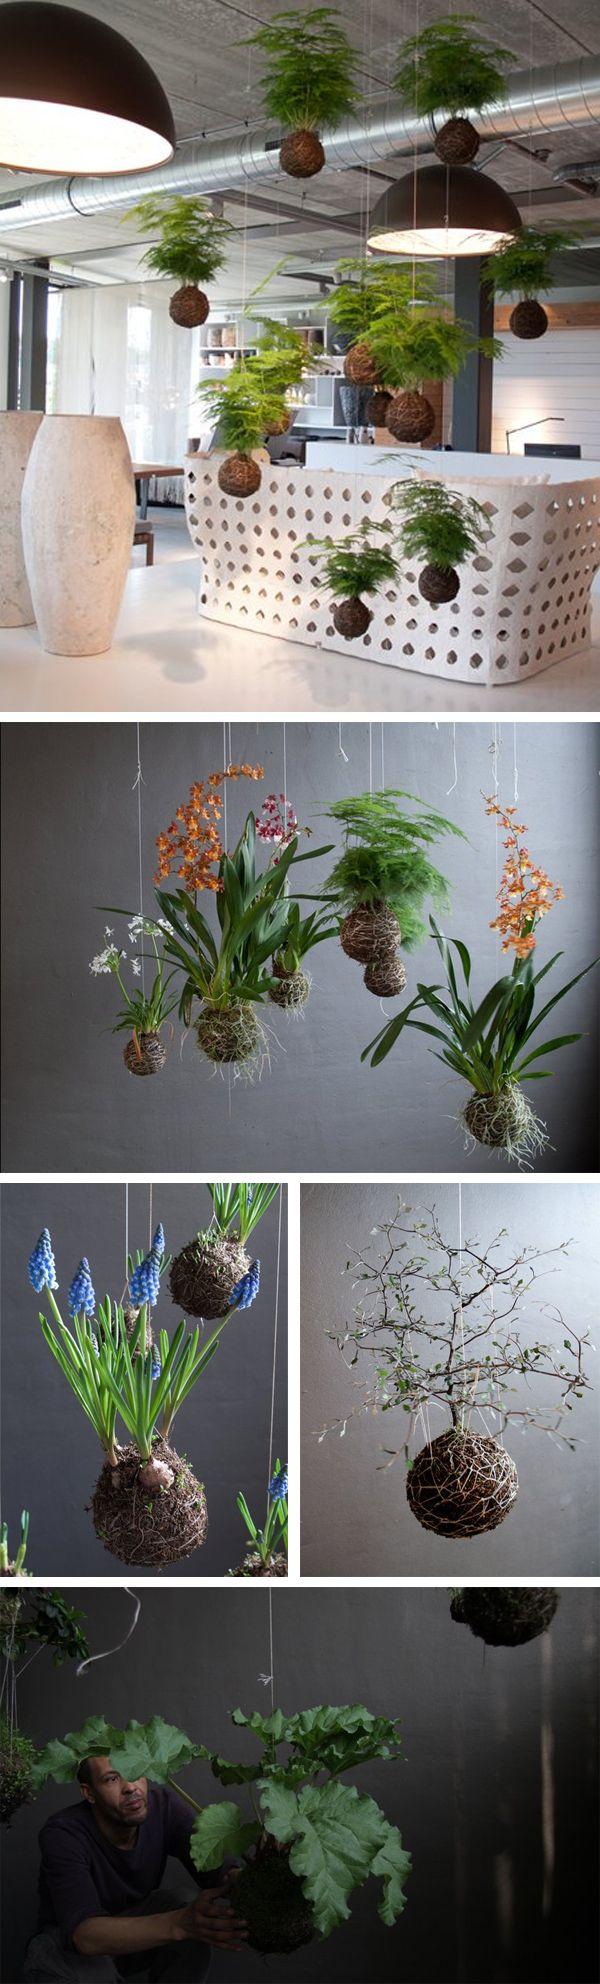 die 25 besten ideen zu gr ne kugel auf pinterest hortensia annabelle kugel trompetenbaum und. Black Bedroom Furniture Sets. Home Design Ideas